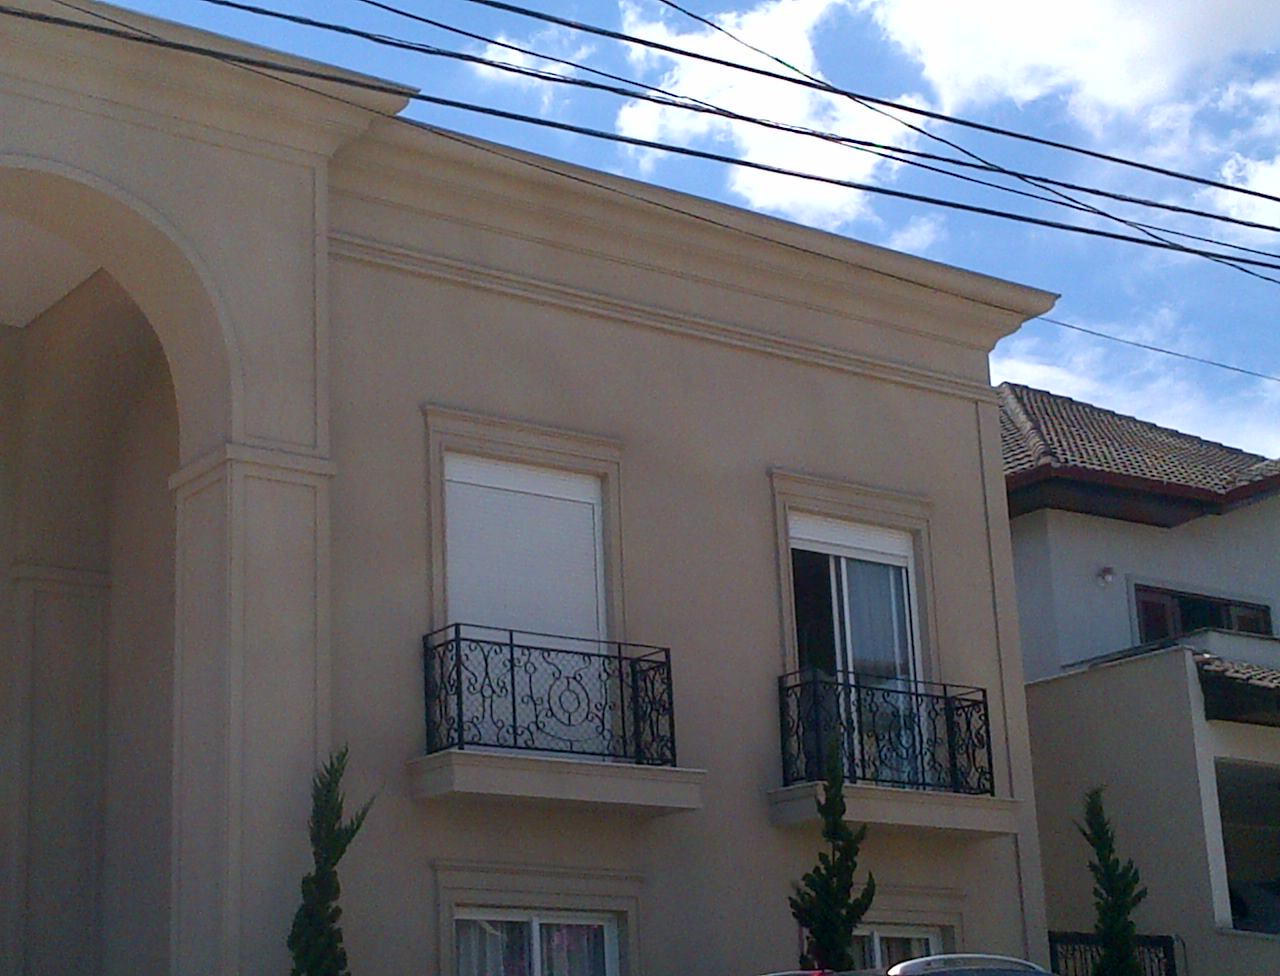 Fabricando arte molduras 11 4521 3253 molduras externas - Molduras para fachadas ...